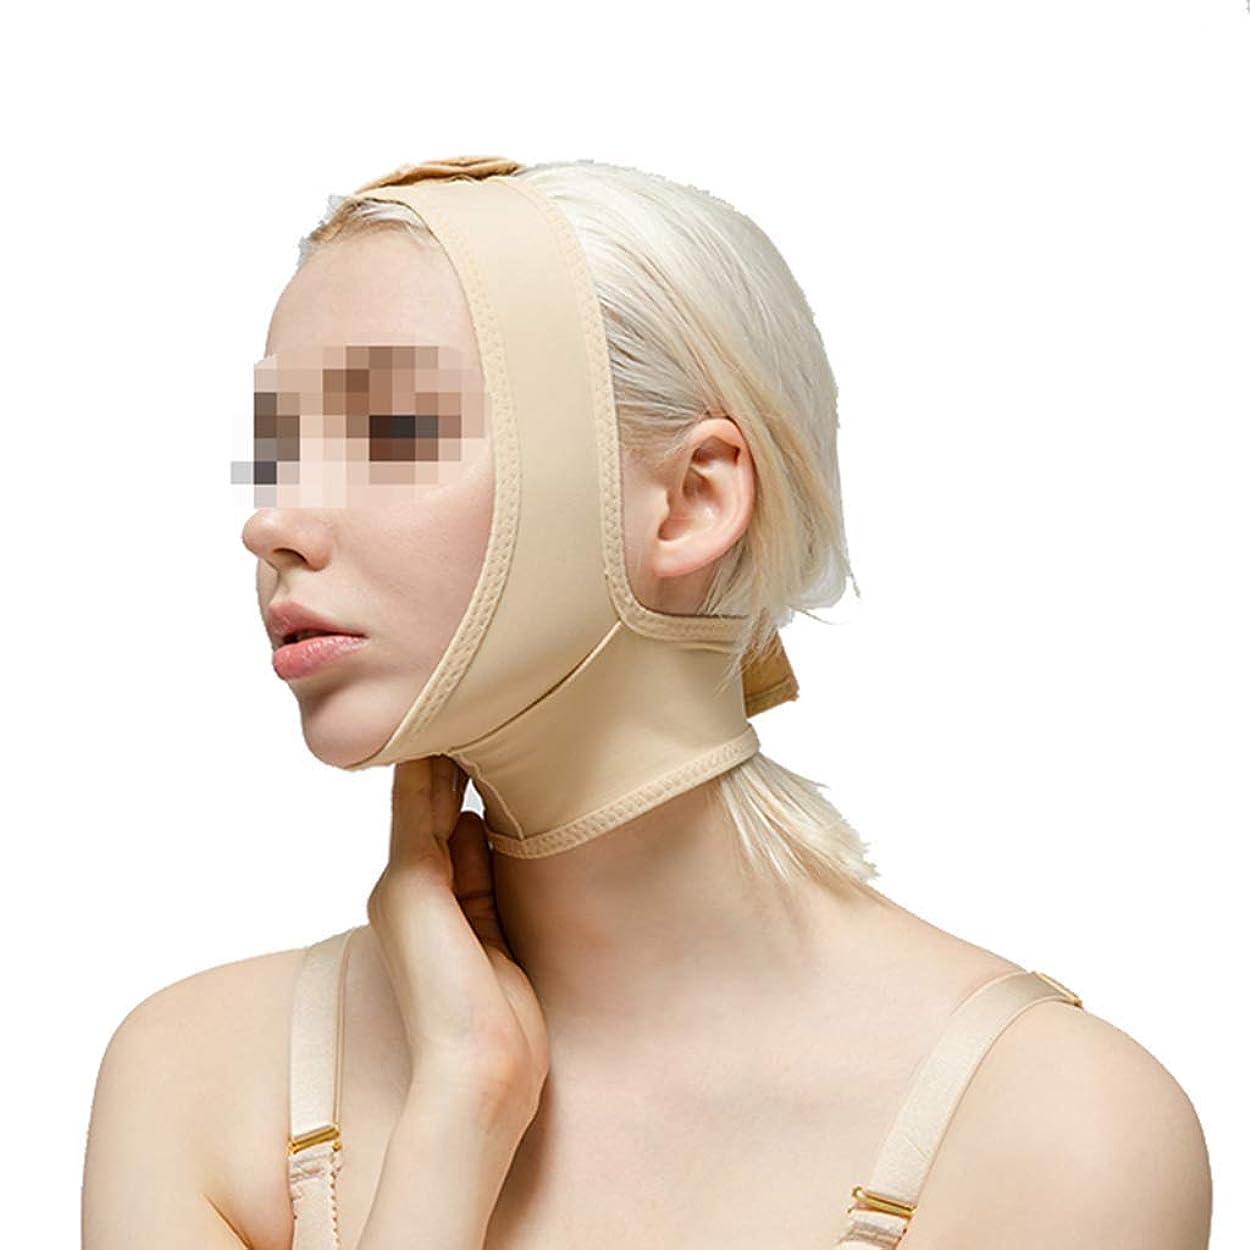 植物学苦悩ラジエーター術後伸縮性スリーブ、下顎束フェイスバンデージフェイシャルビームダブルチンシンフェイスマスクマルチサイズオプション(サイズ:L),XL